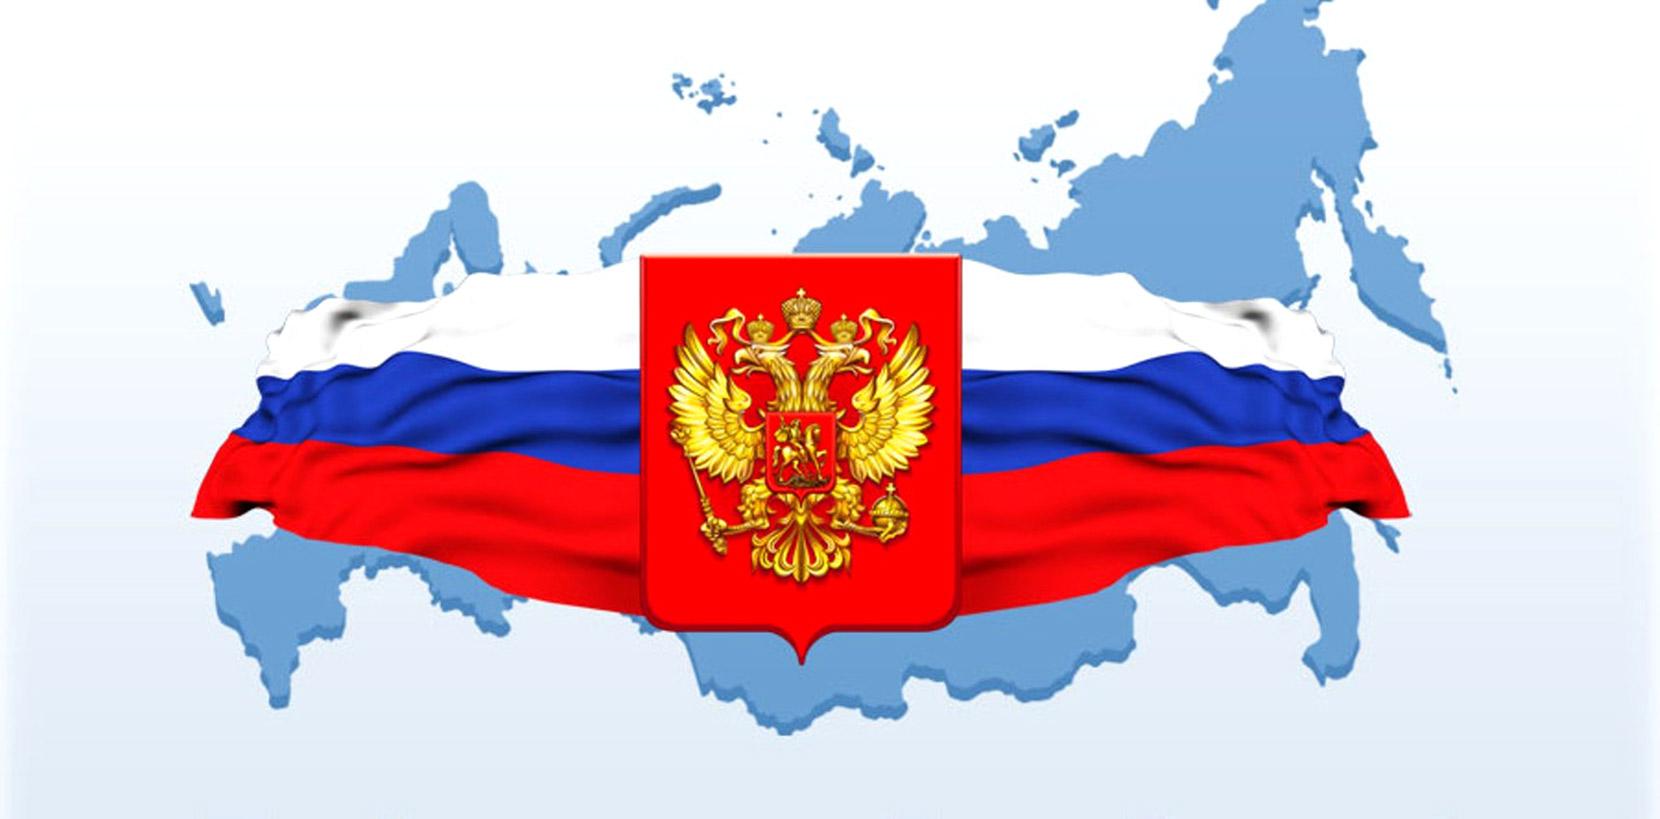 Картинки день россии на прозрачном фоне, поздравление для мальчика